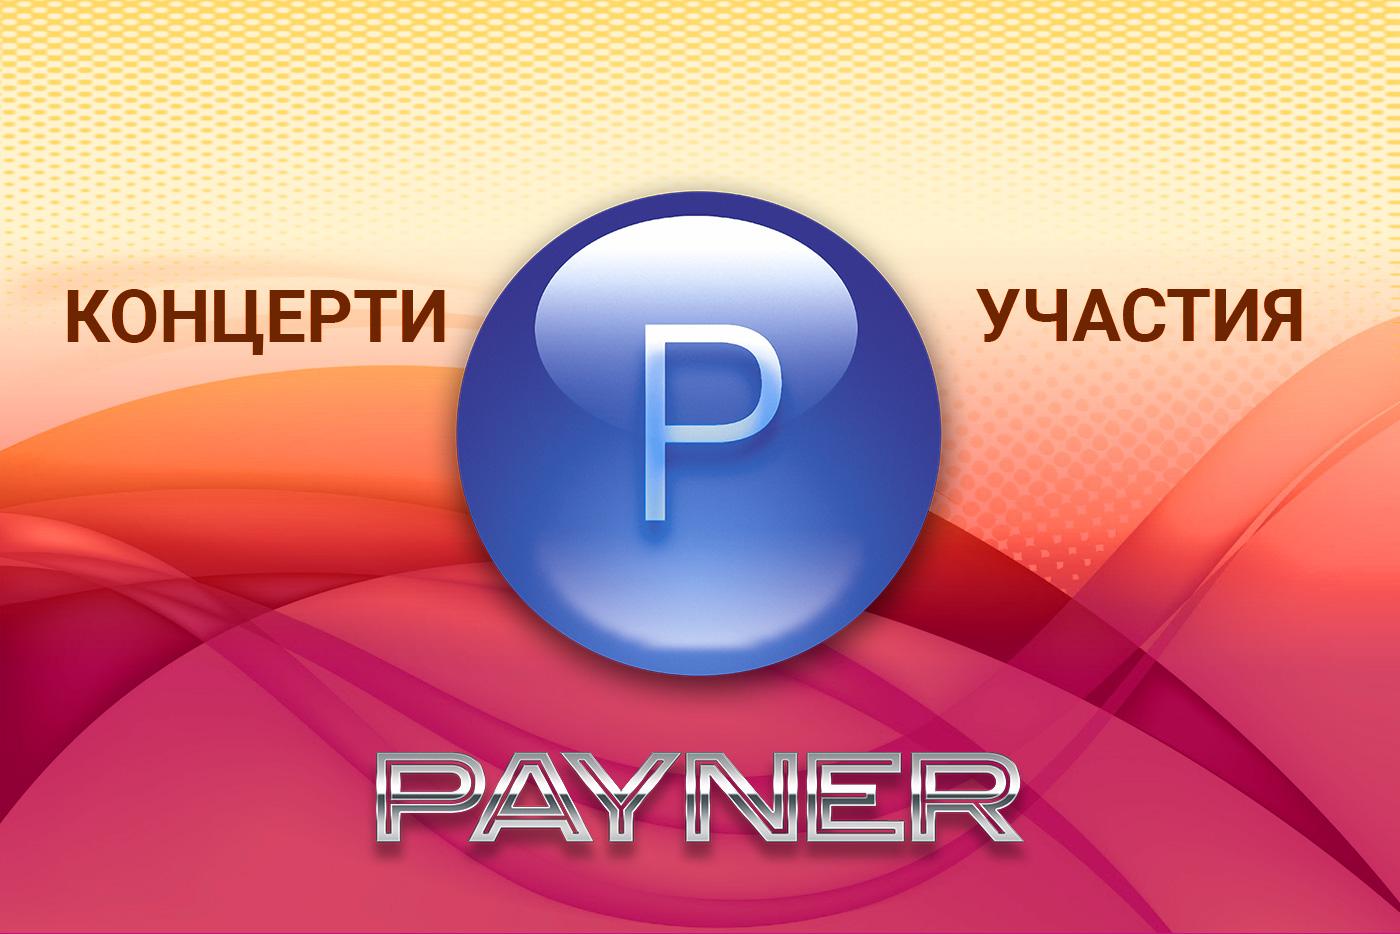 """Участия на звездите на """"Пайнер"""" на 10.11.2018"""